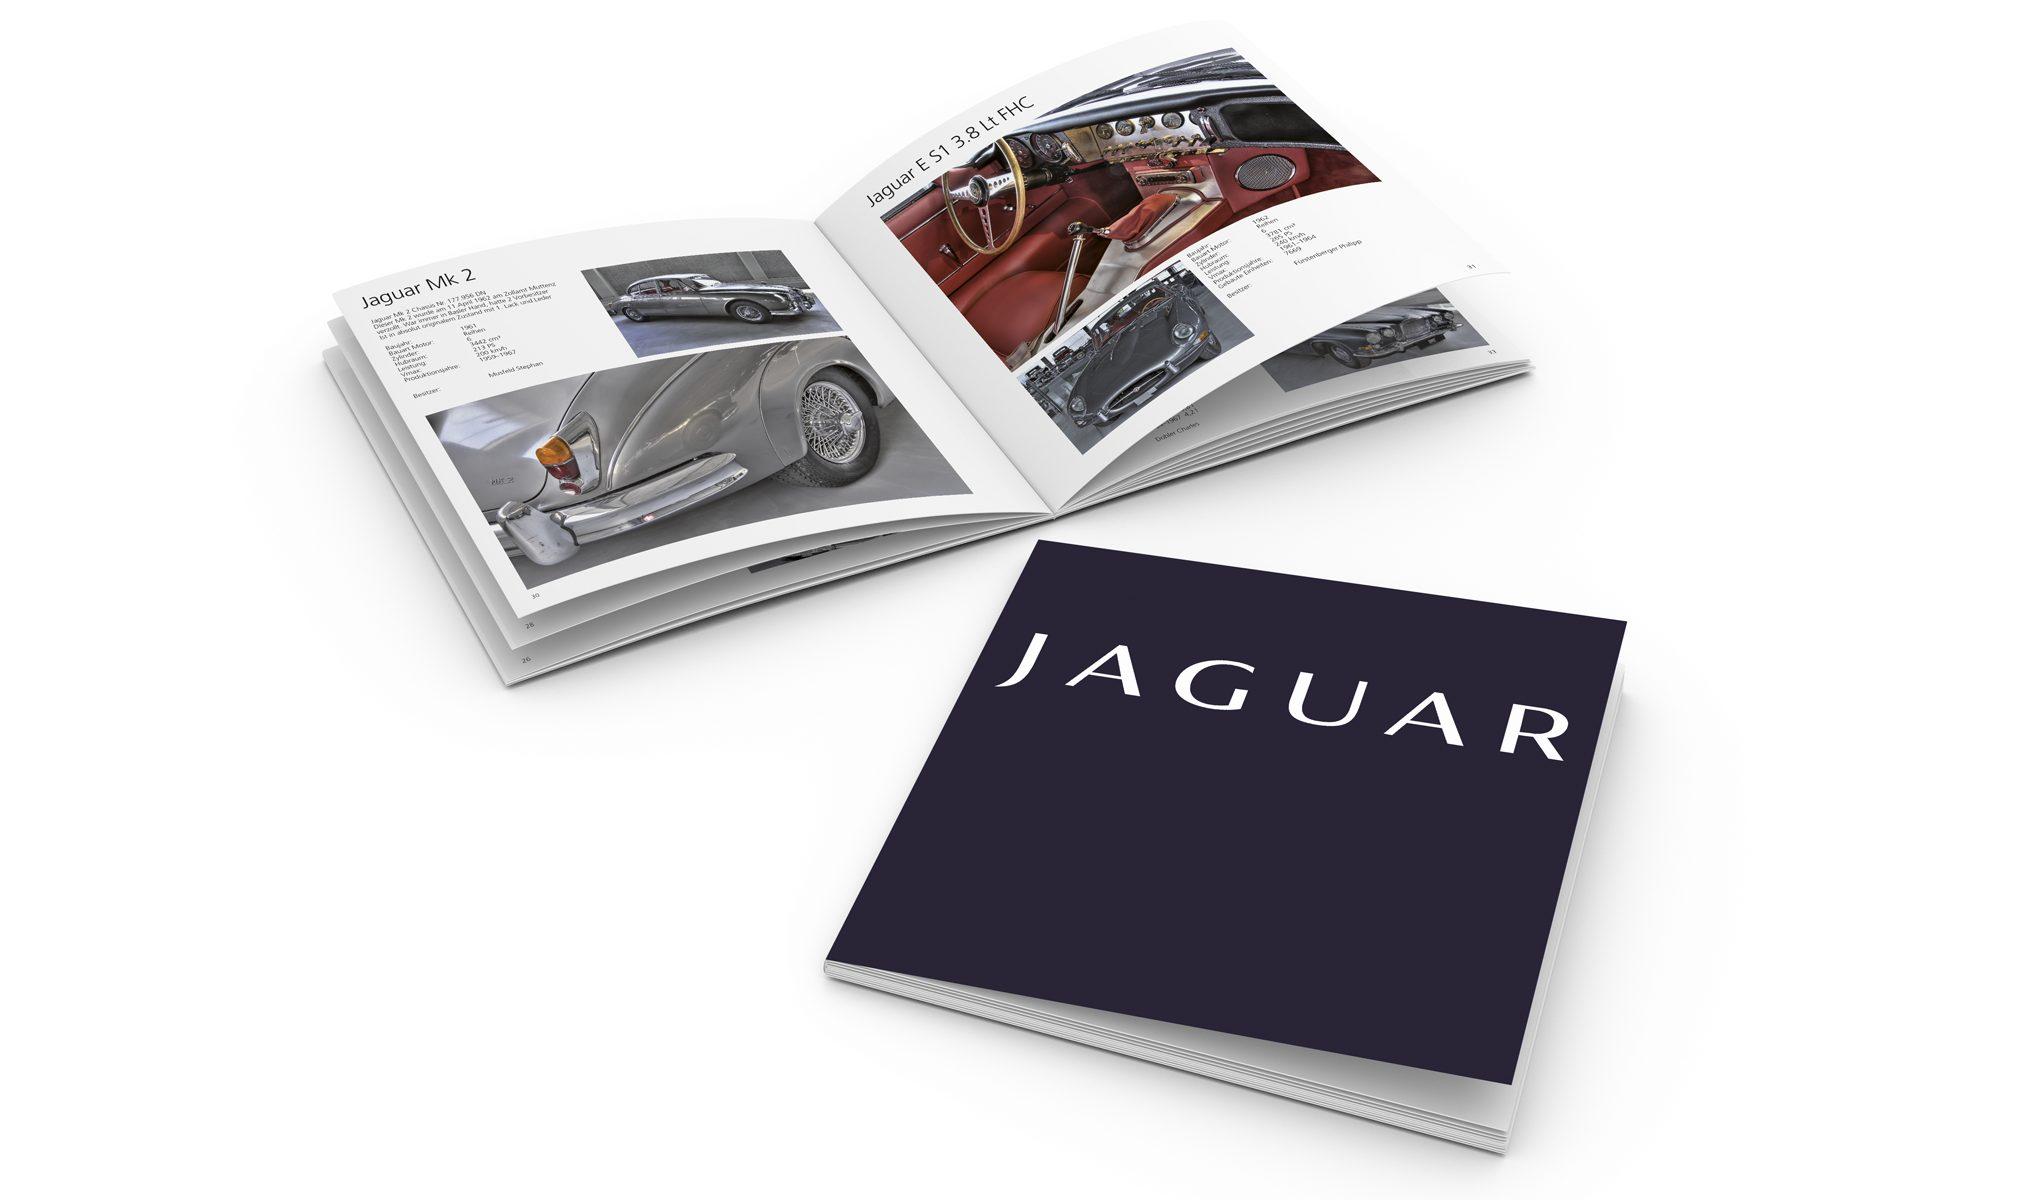 Pantheon-Jaguar